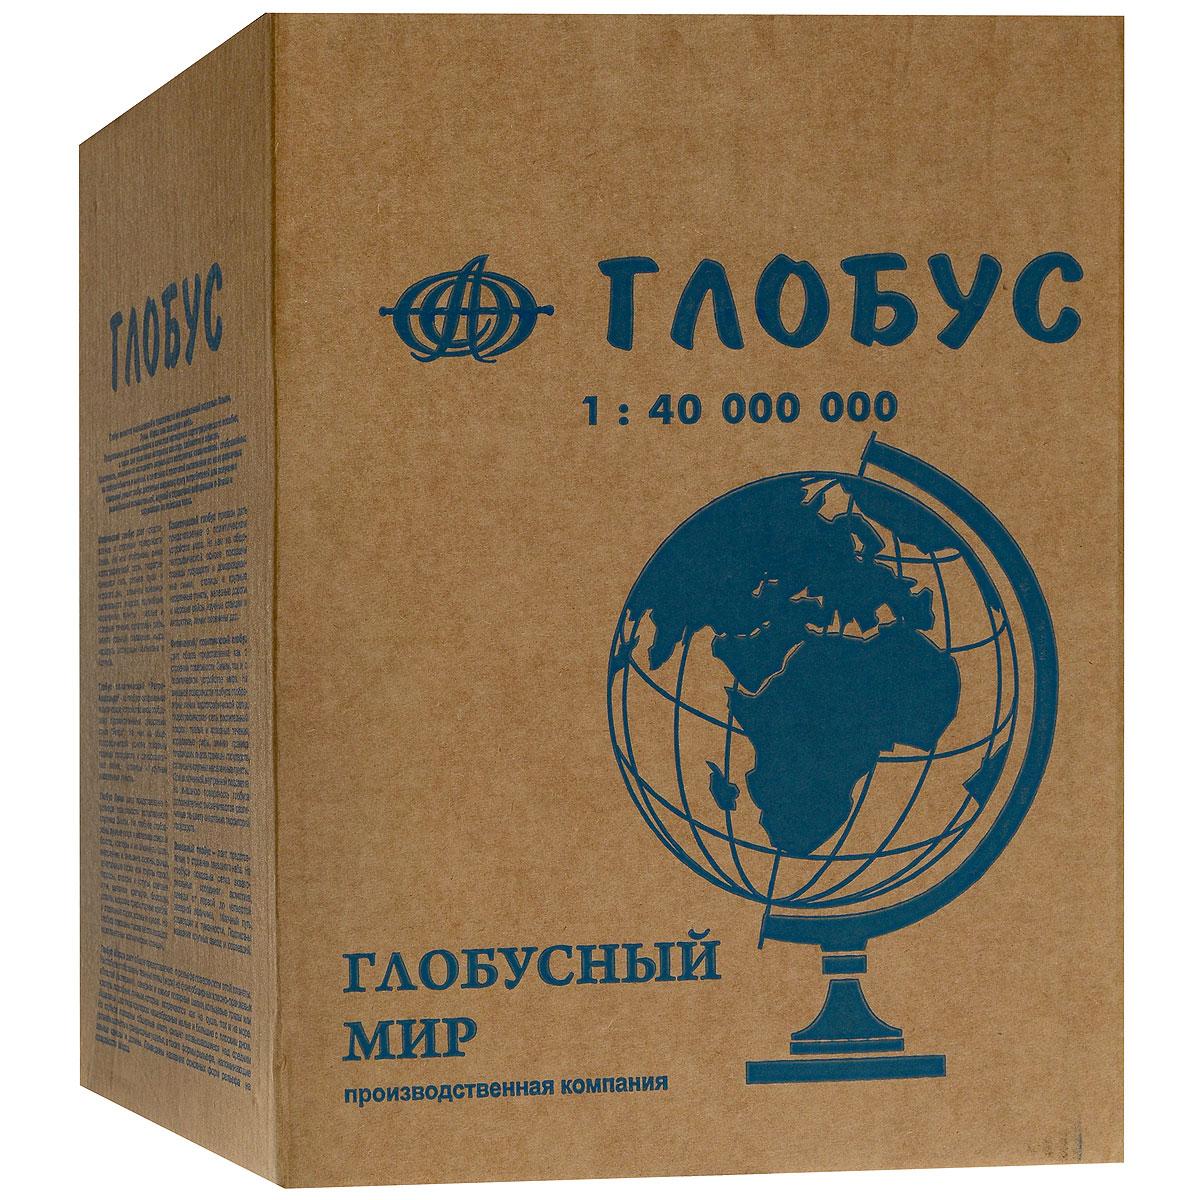 Глобусный мир Глобус звездного неба, диаметр 32 см.  10065 Глобусный мир